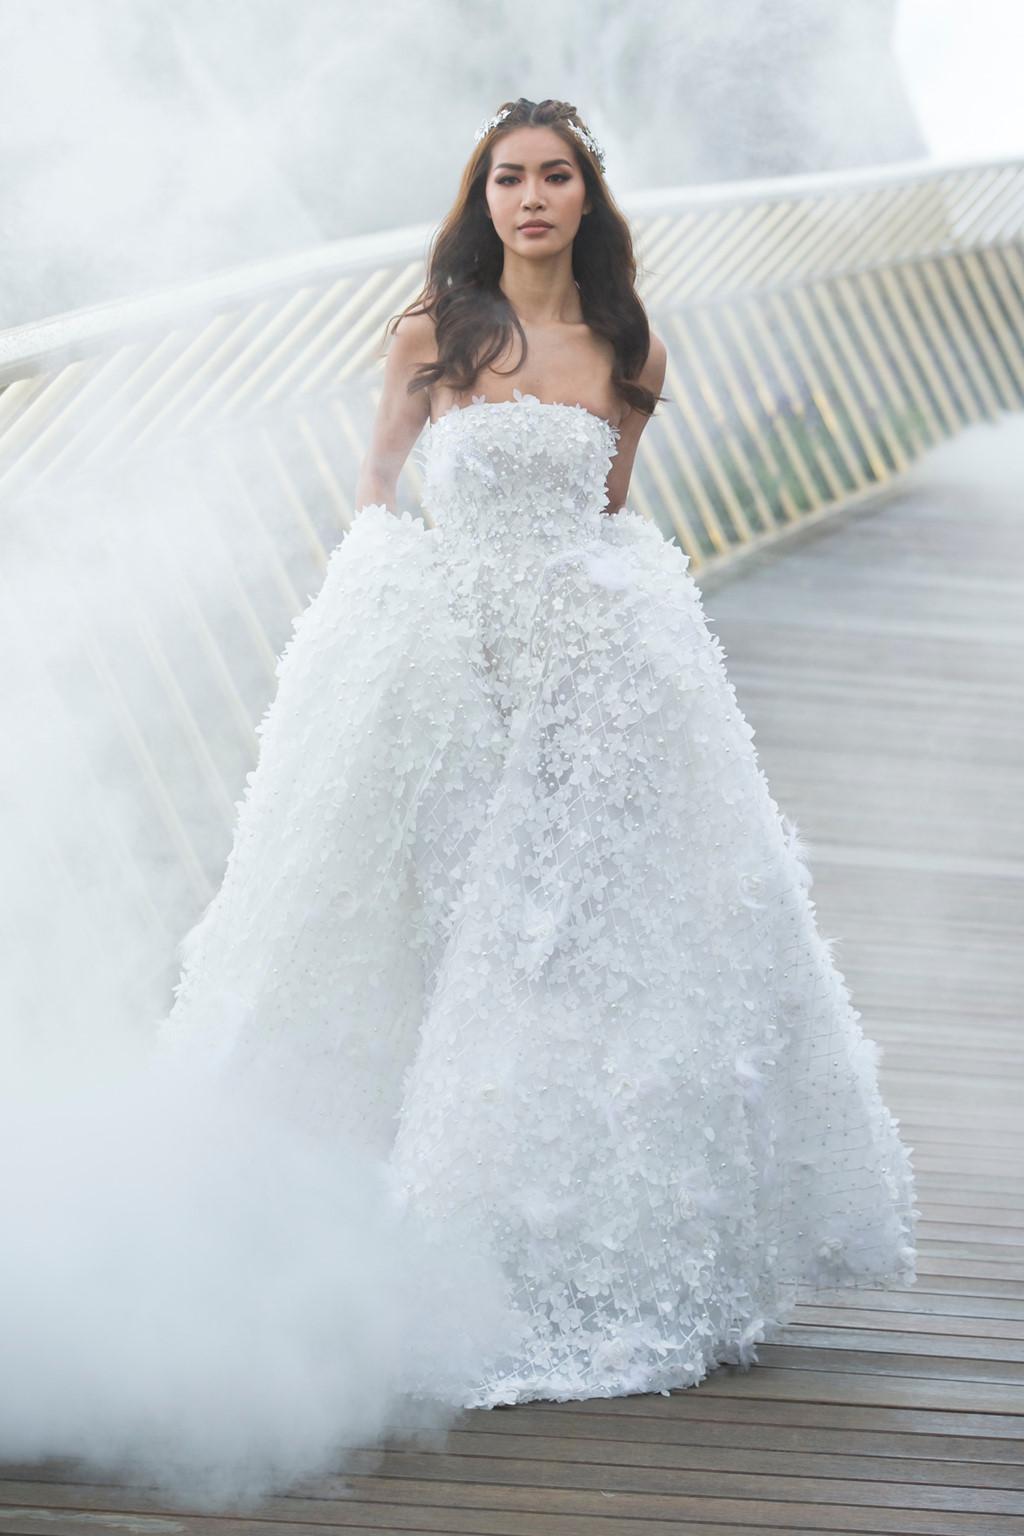 """Trong khi đó, Minh Tú đem đến diện mạo hoàn toàn khác biệt. HLV The Face mùa 2 hoá hoá """"Nàng Mây"""" khi khoác lên mình bộ váy cưới được kết từ 50.000 cánh hoa tỉ mỉ."""